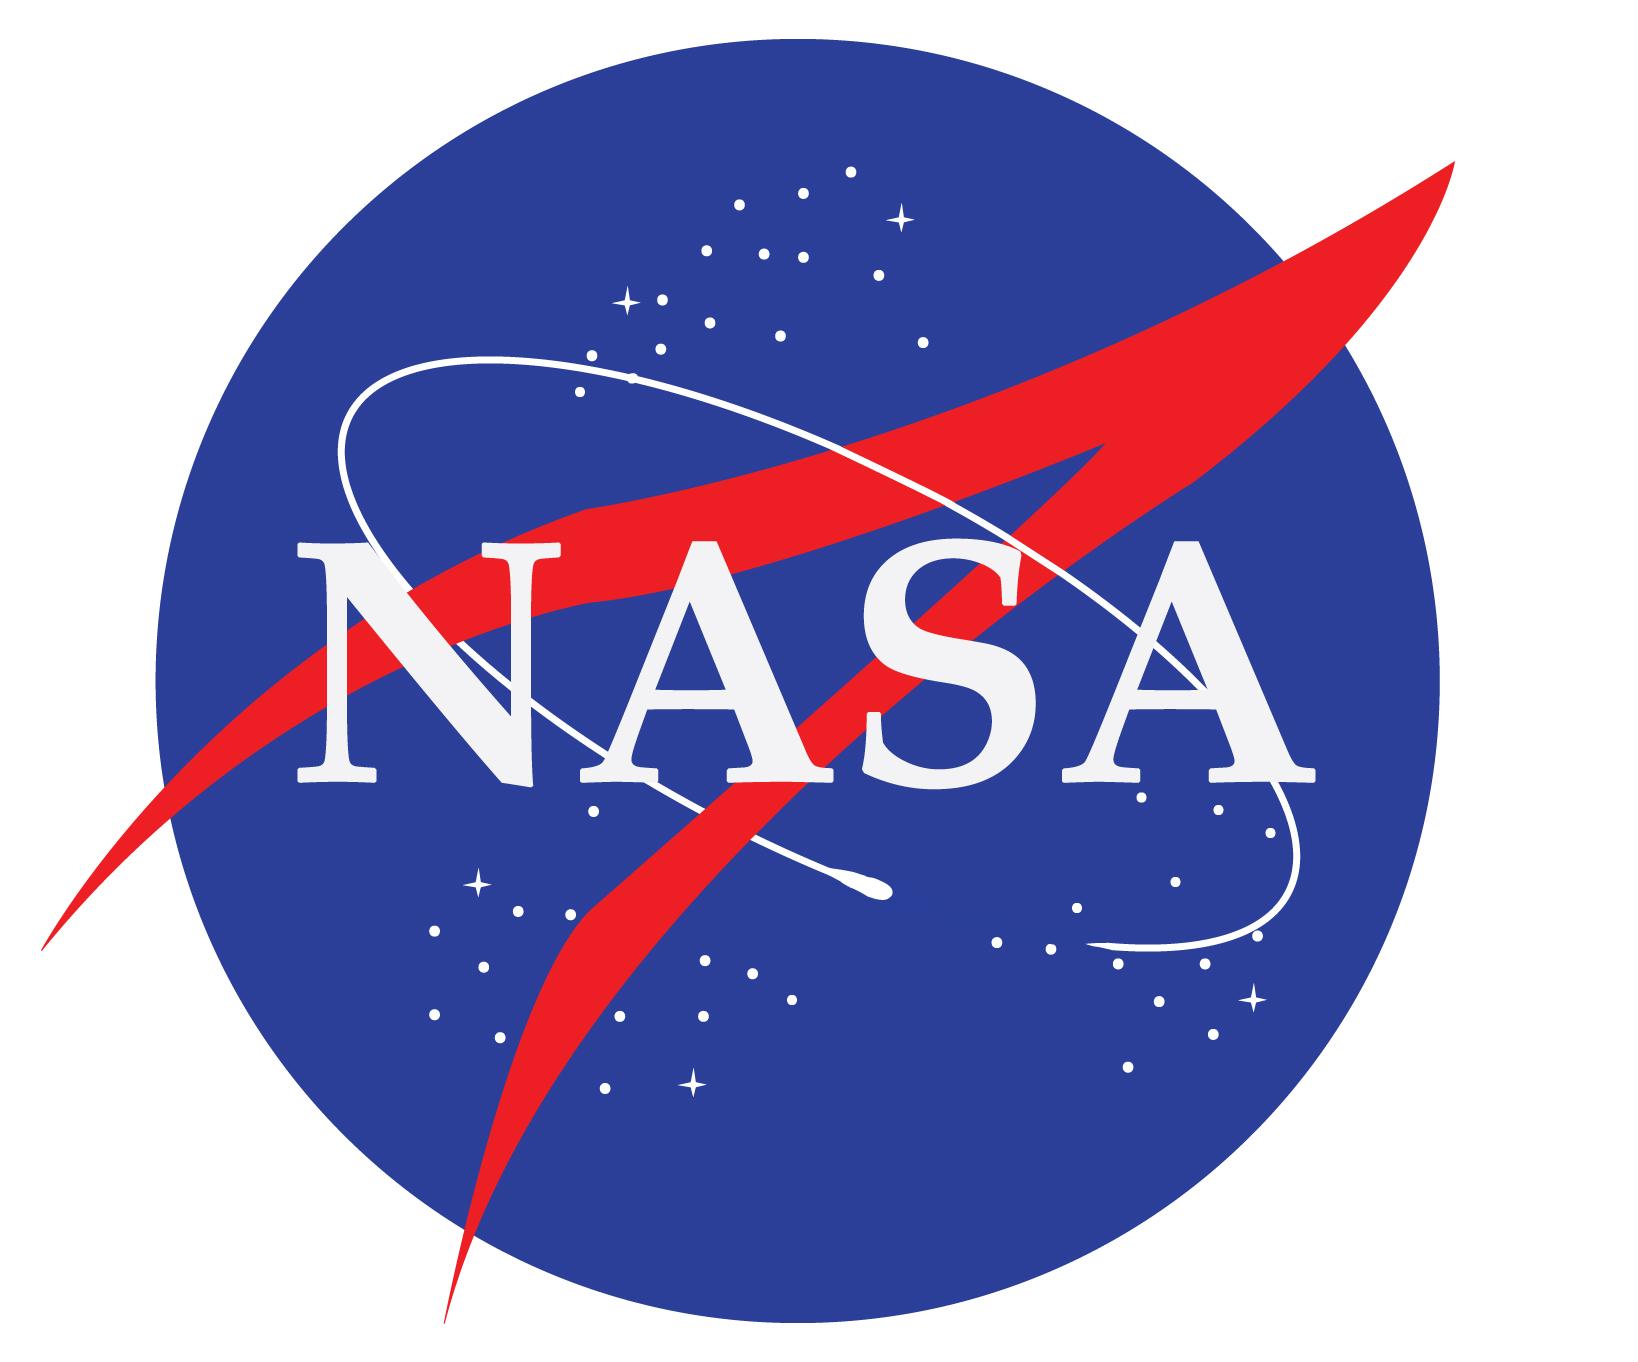 NASA clipart #14, Download drawings